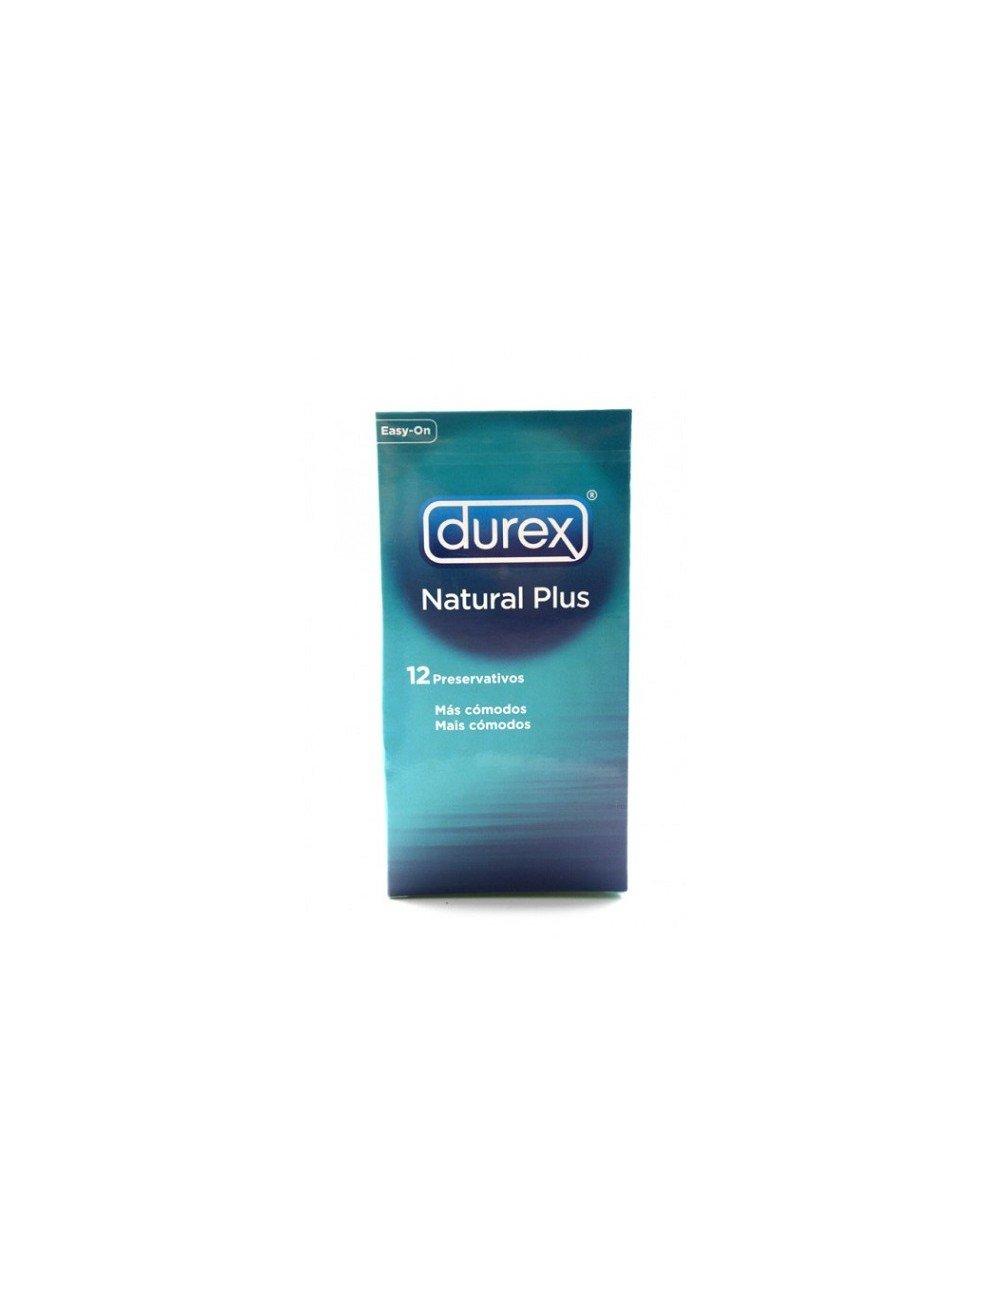 DUREX NATURAL PLUS PRESERVATIVOS 12 U